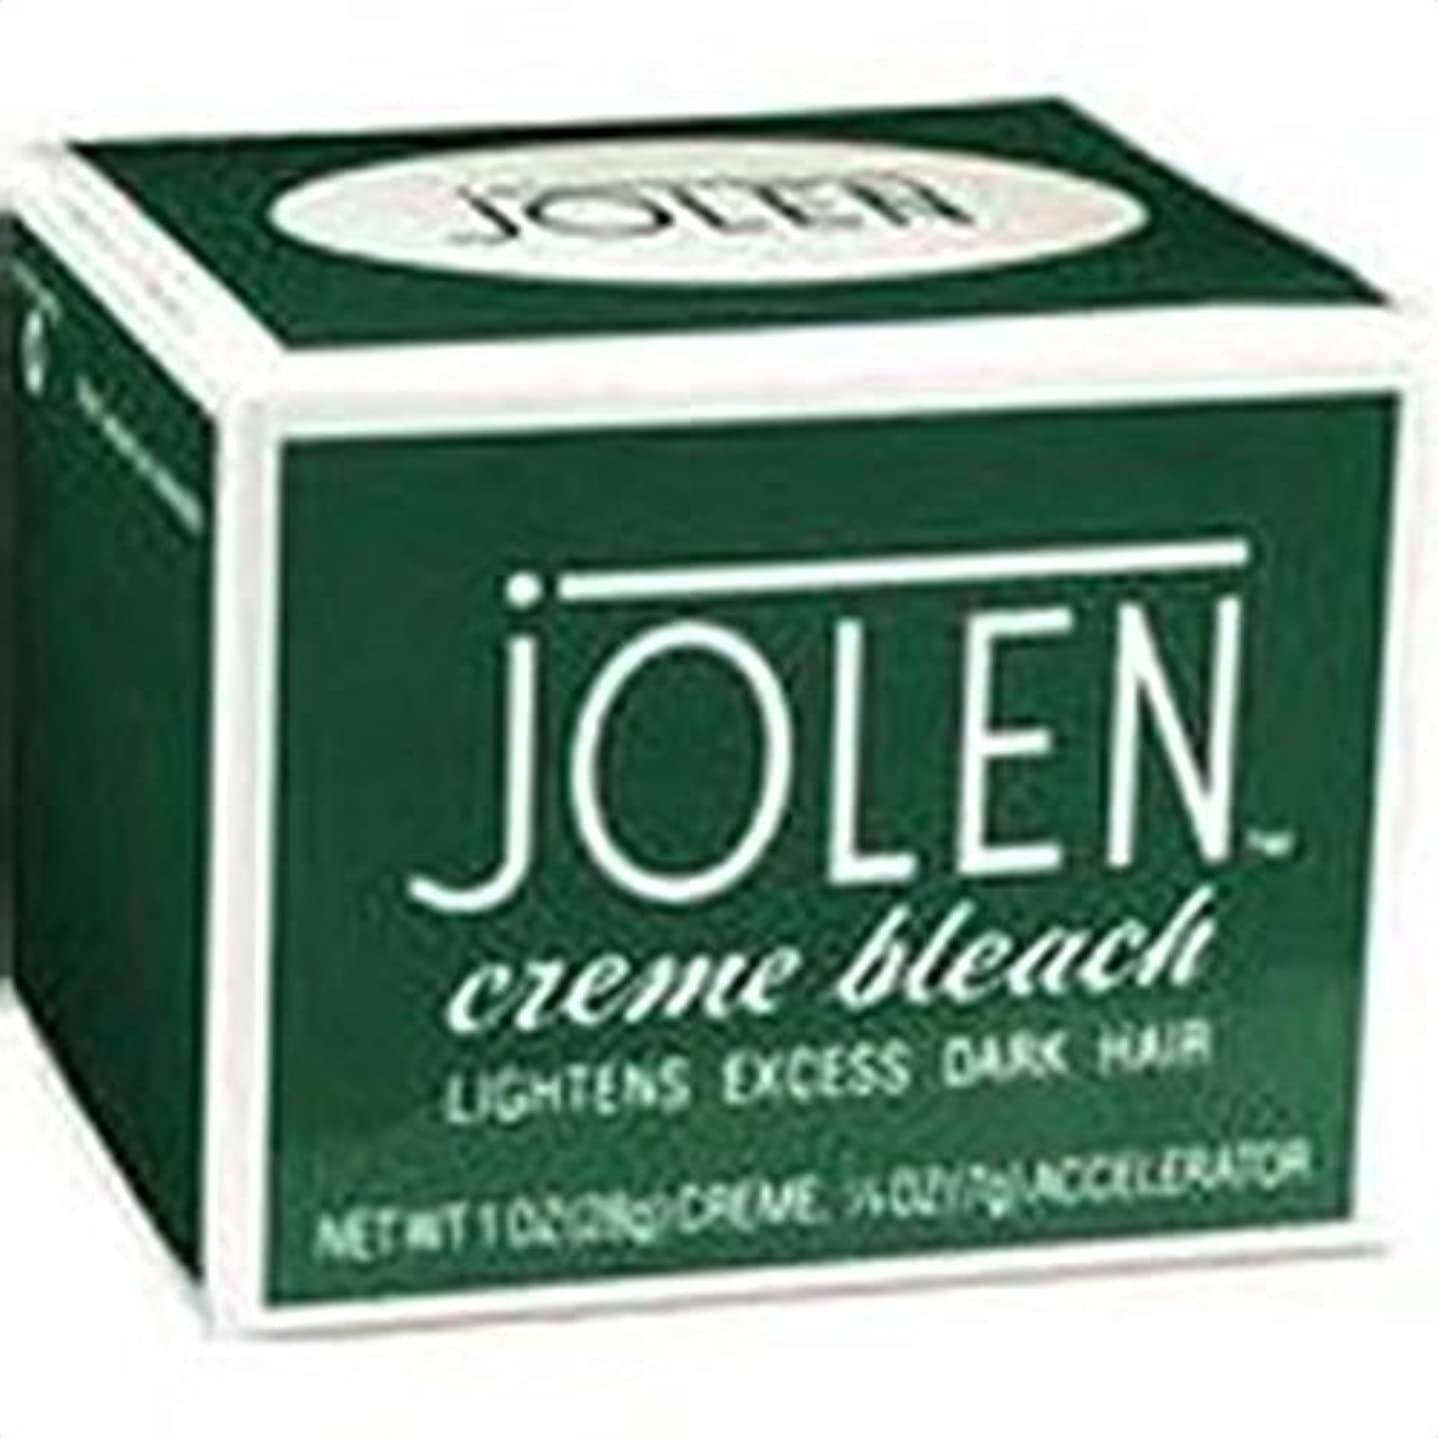 ブランド名線形コールジョレン(JOLEN) ジョレン クリームブリーチ [海外直送品] [並行輸入品]